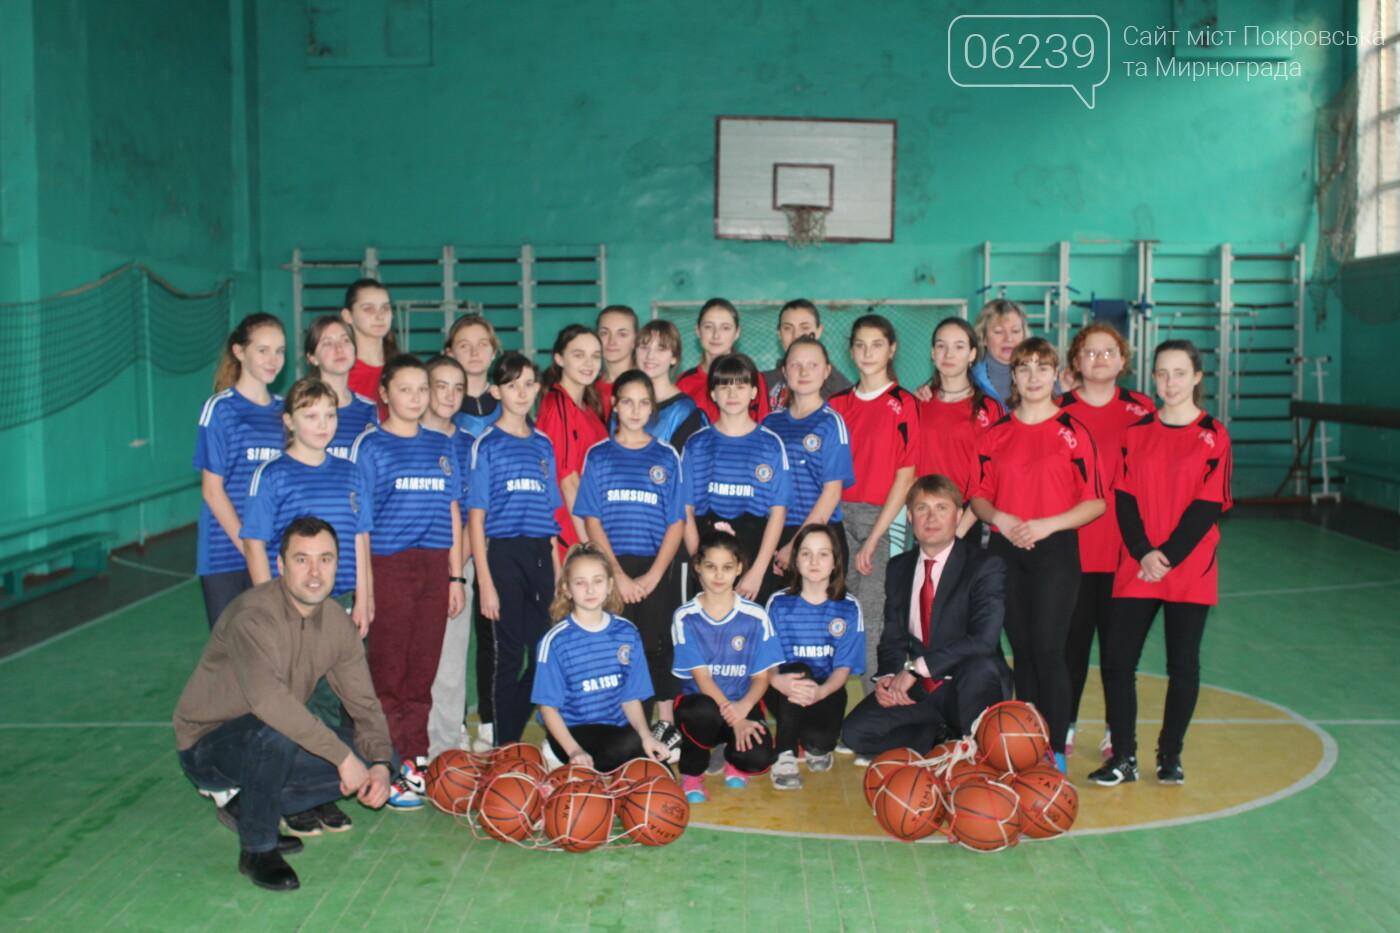 Секции Мирноградской ДЮСШ получили новый инвентарь , фото-3